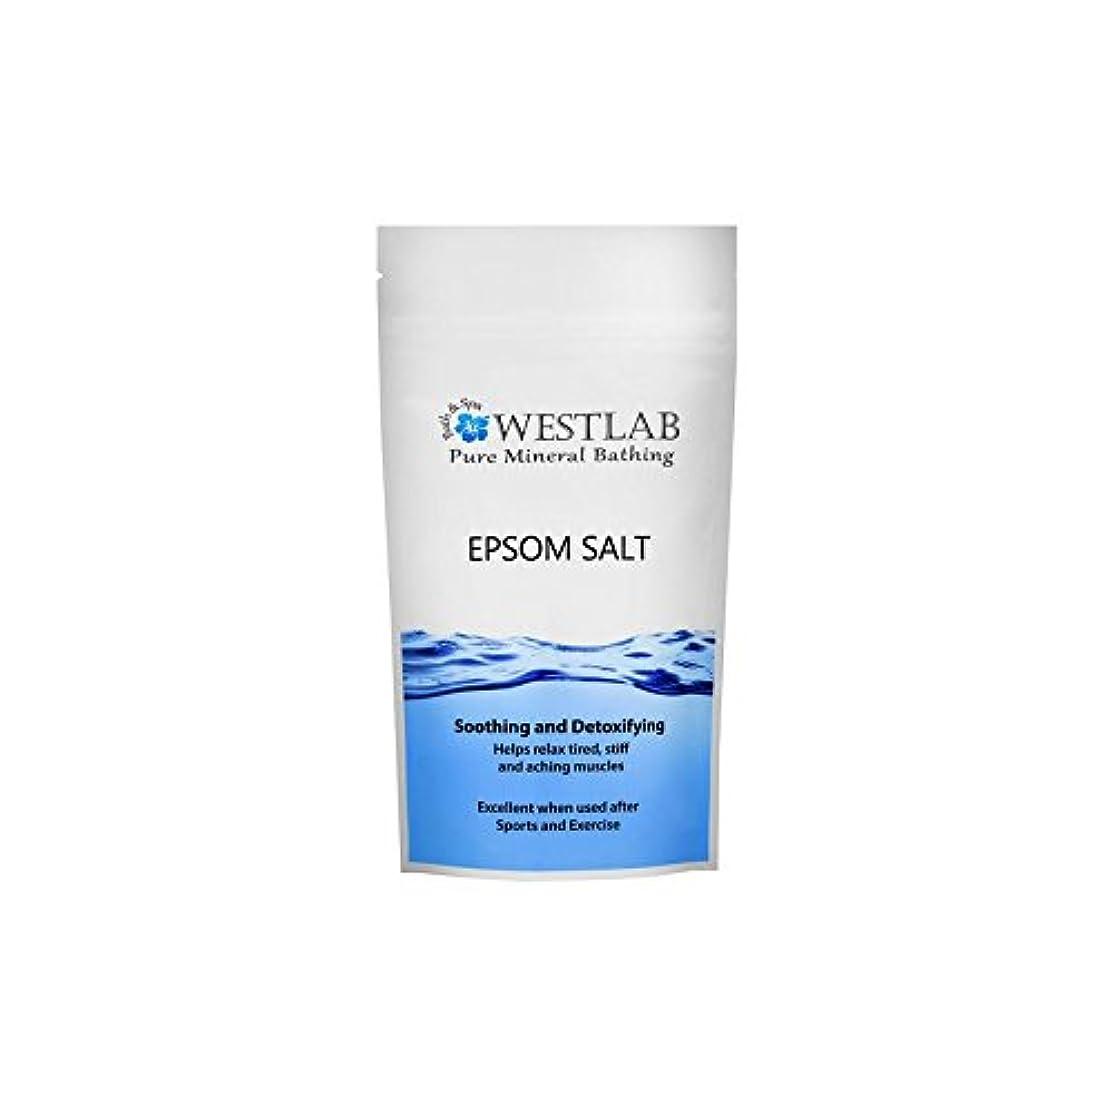 モトリーアクティビティ踊り子エプソム塩の1キロ x2 - Westlab Epsom Salt 1kg (Pack of 2) [並行輸入品]